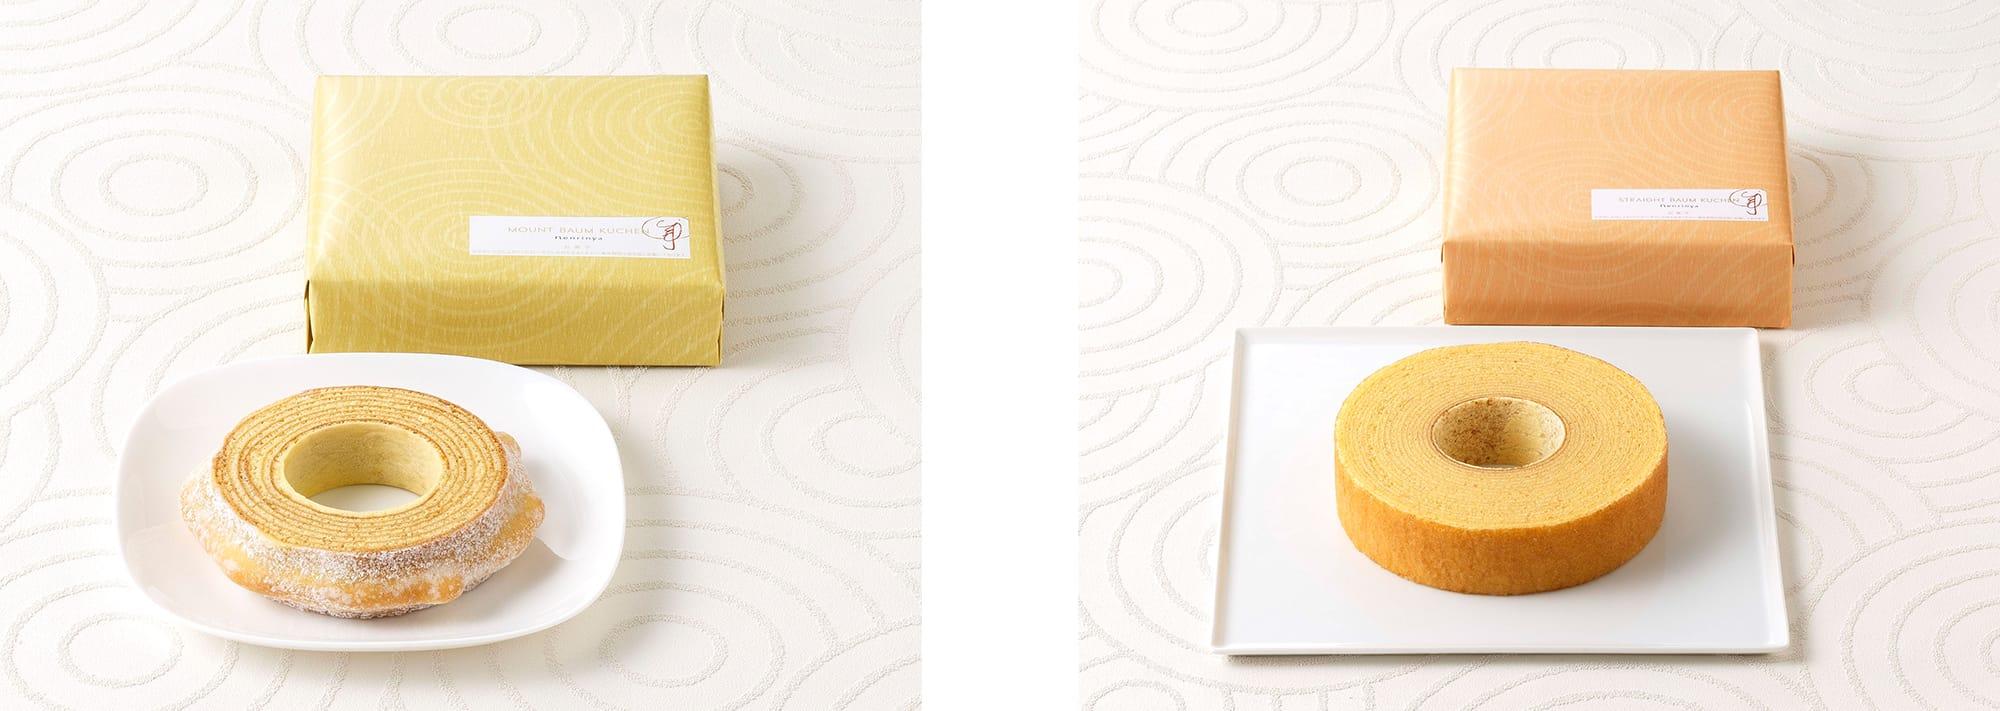 左:「マウントバーム しっかり芽 1山」(税込1,620円)右:「ストレートバウム やわらか芽」(税込1,080円)どちらも化粧箱入りで熨斗をかけることも可能なので、ギフトに最適。